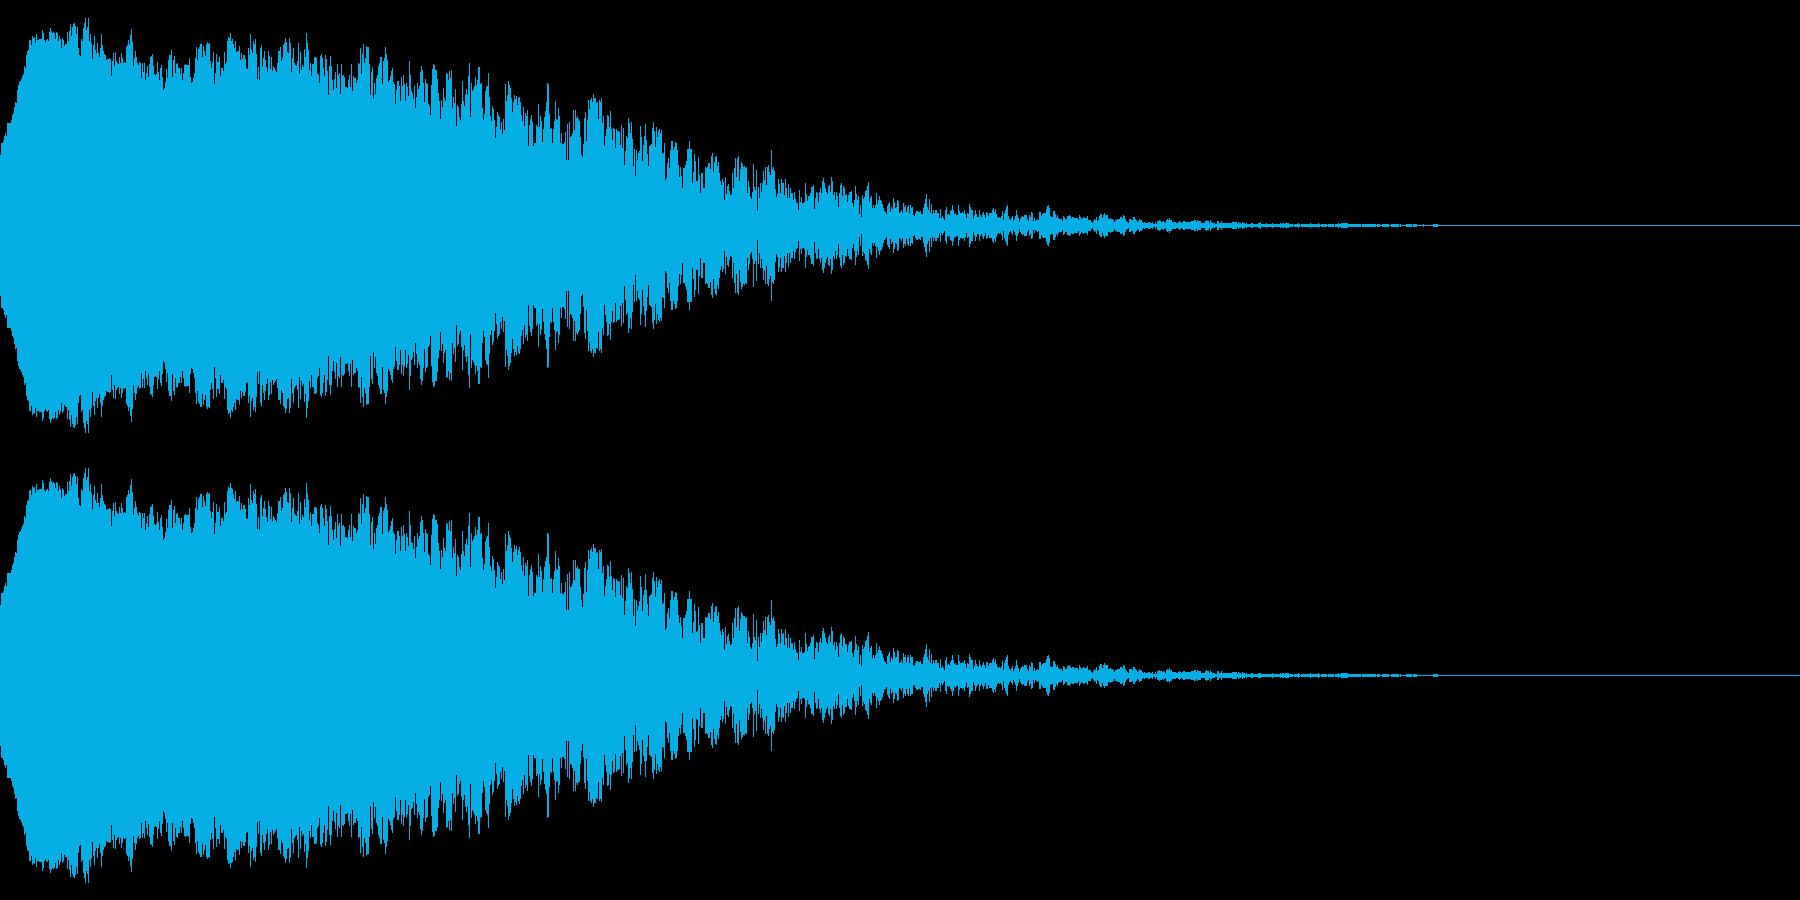 アニメにありそうな爆発音1(ちゅどーん)の再生済みの波形